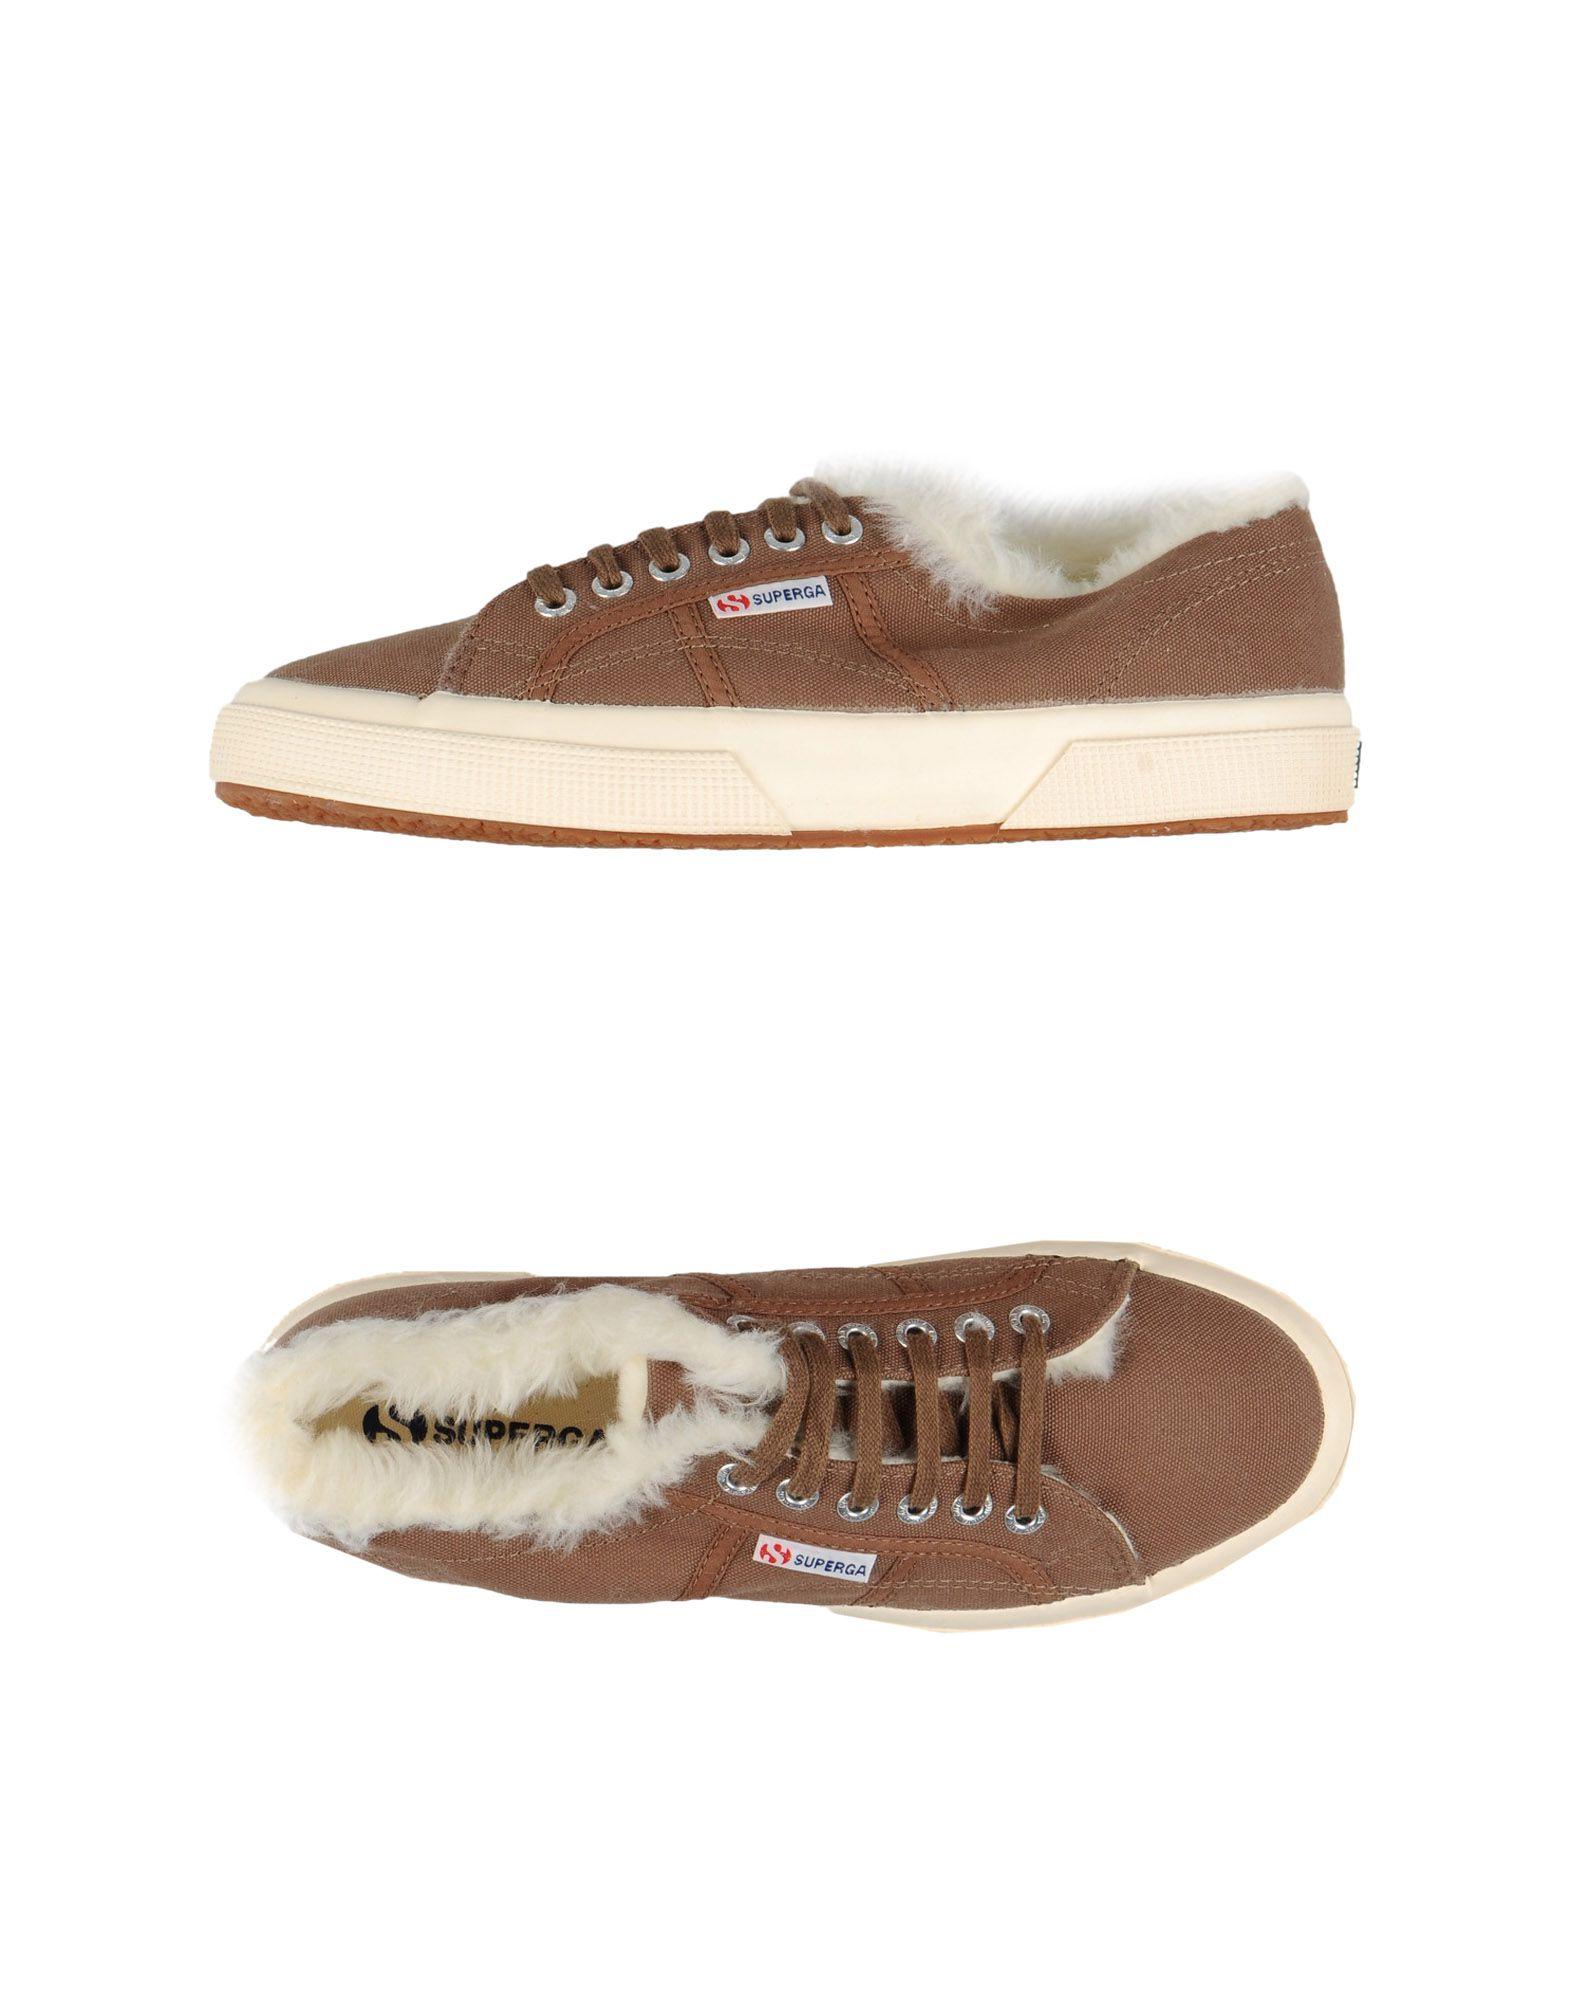 Superga® Sneakers Herren  44854008UI 44854008UI  d51da5